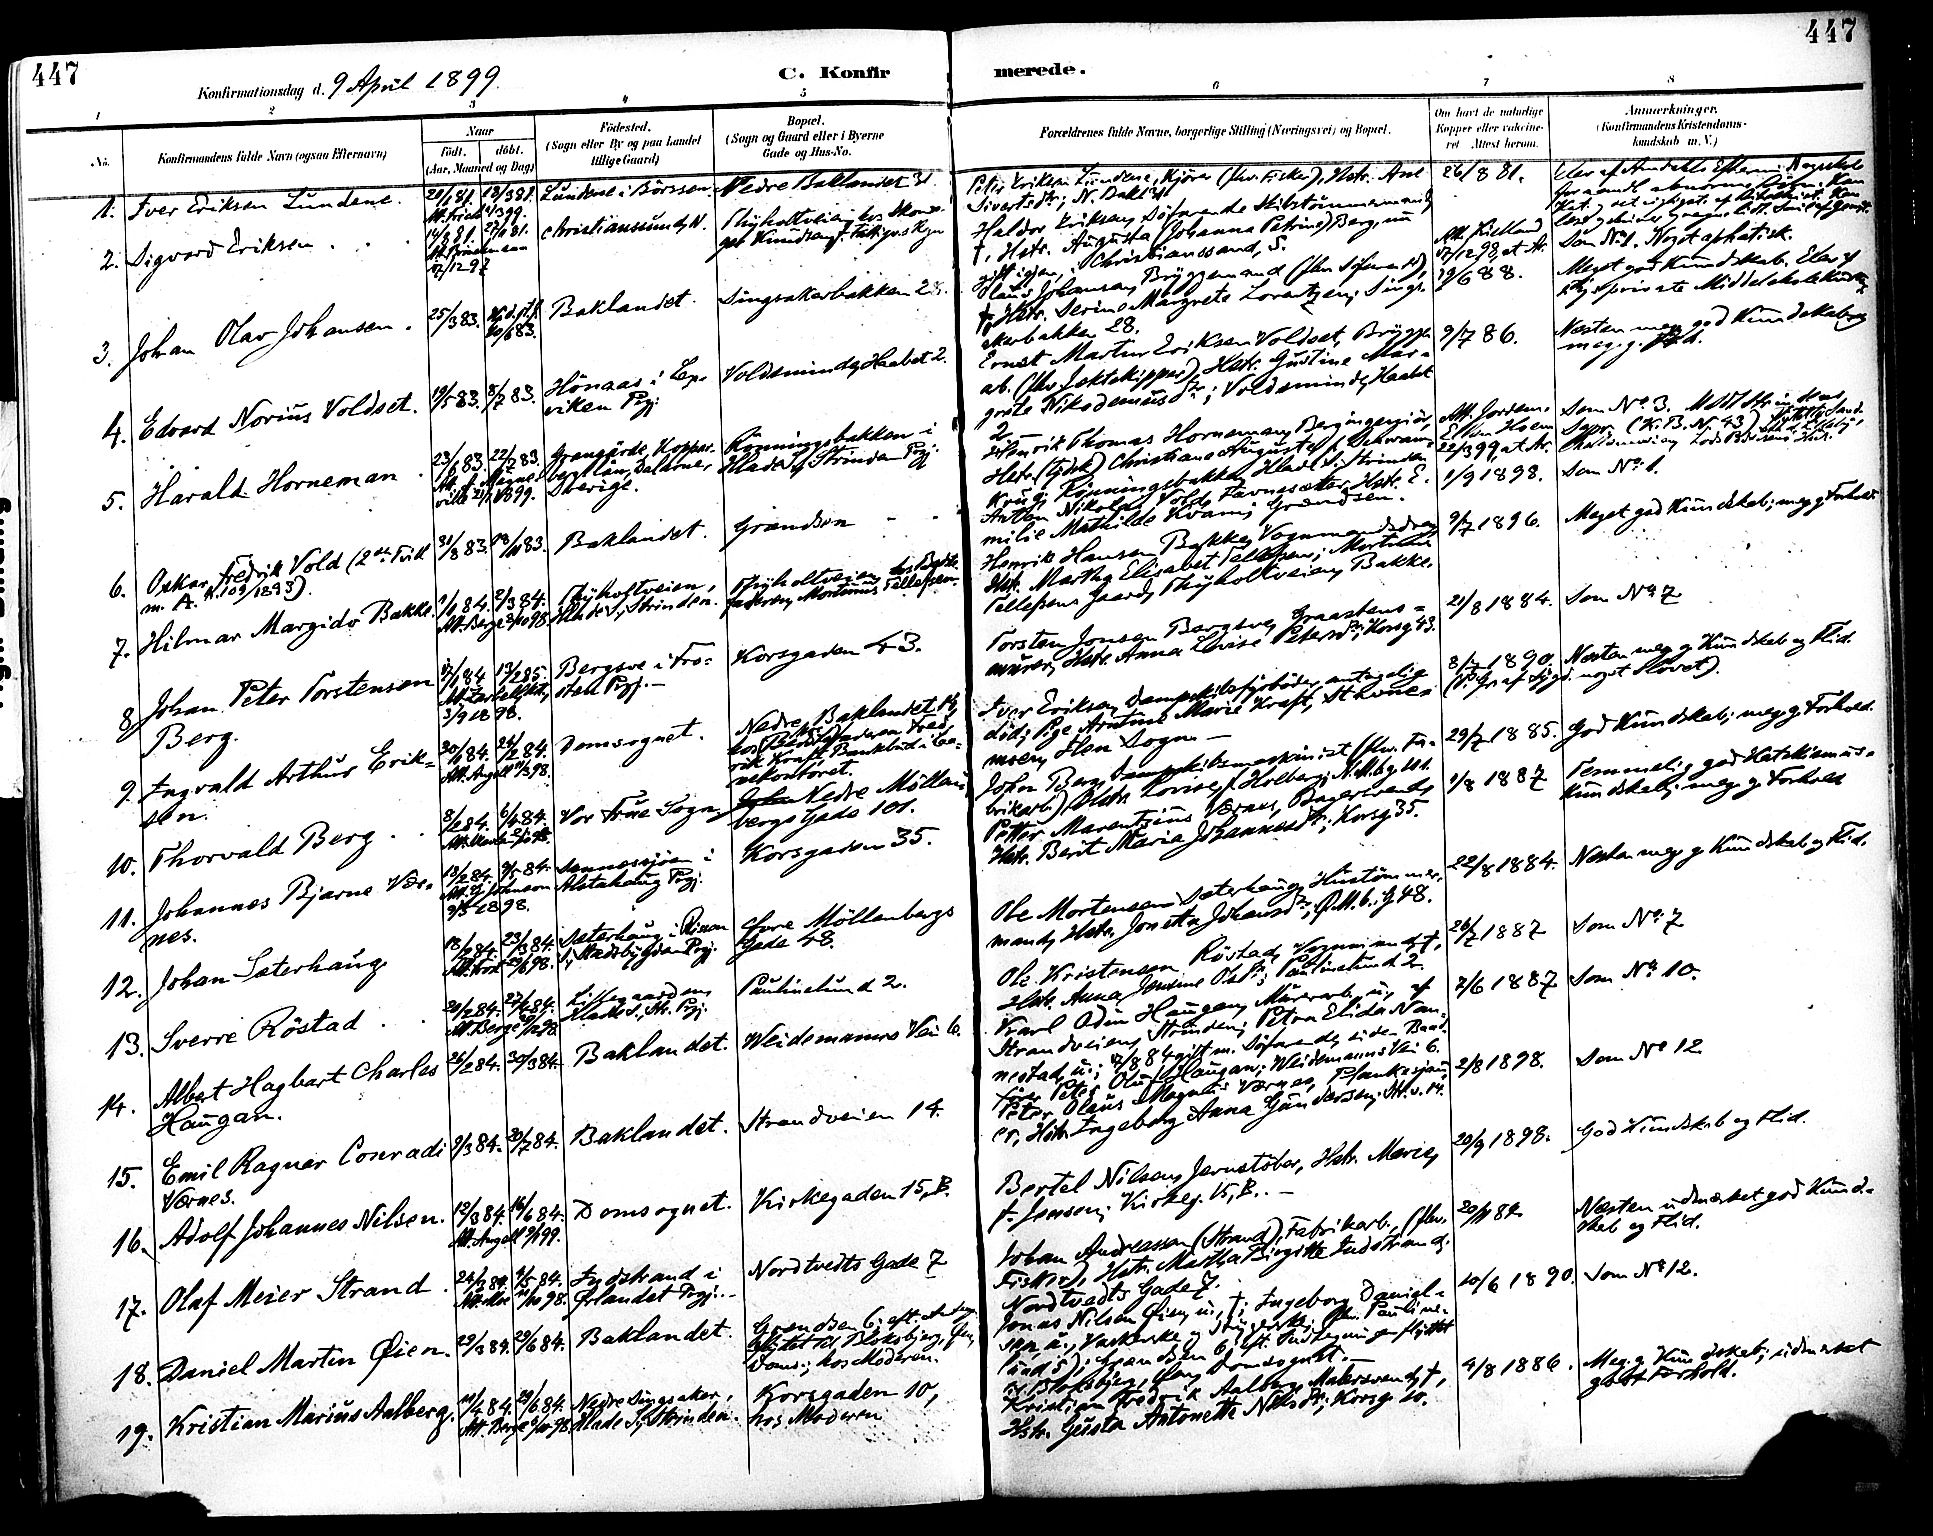 SAT, Ministerialprotokoller, klokkerbøker og fødselsregistre - Sør-Trøndelag, 604/L0197: Ministerialbok nr. 604A18, 1893-1900, s. 447